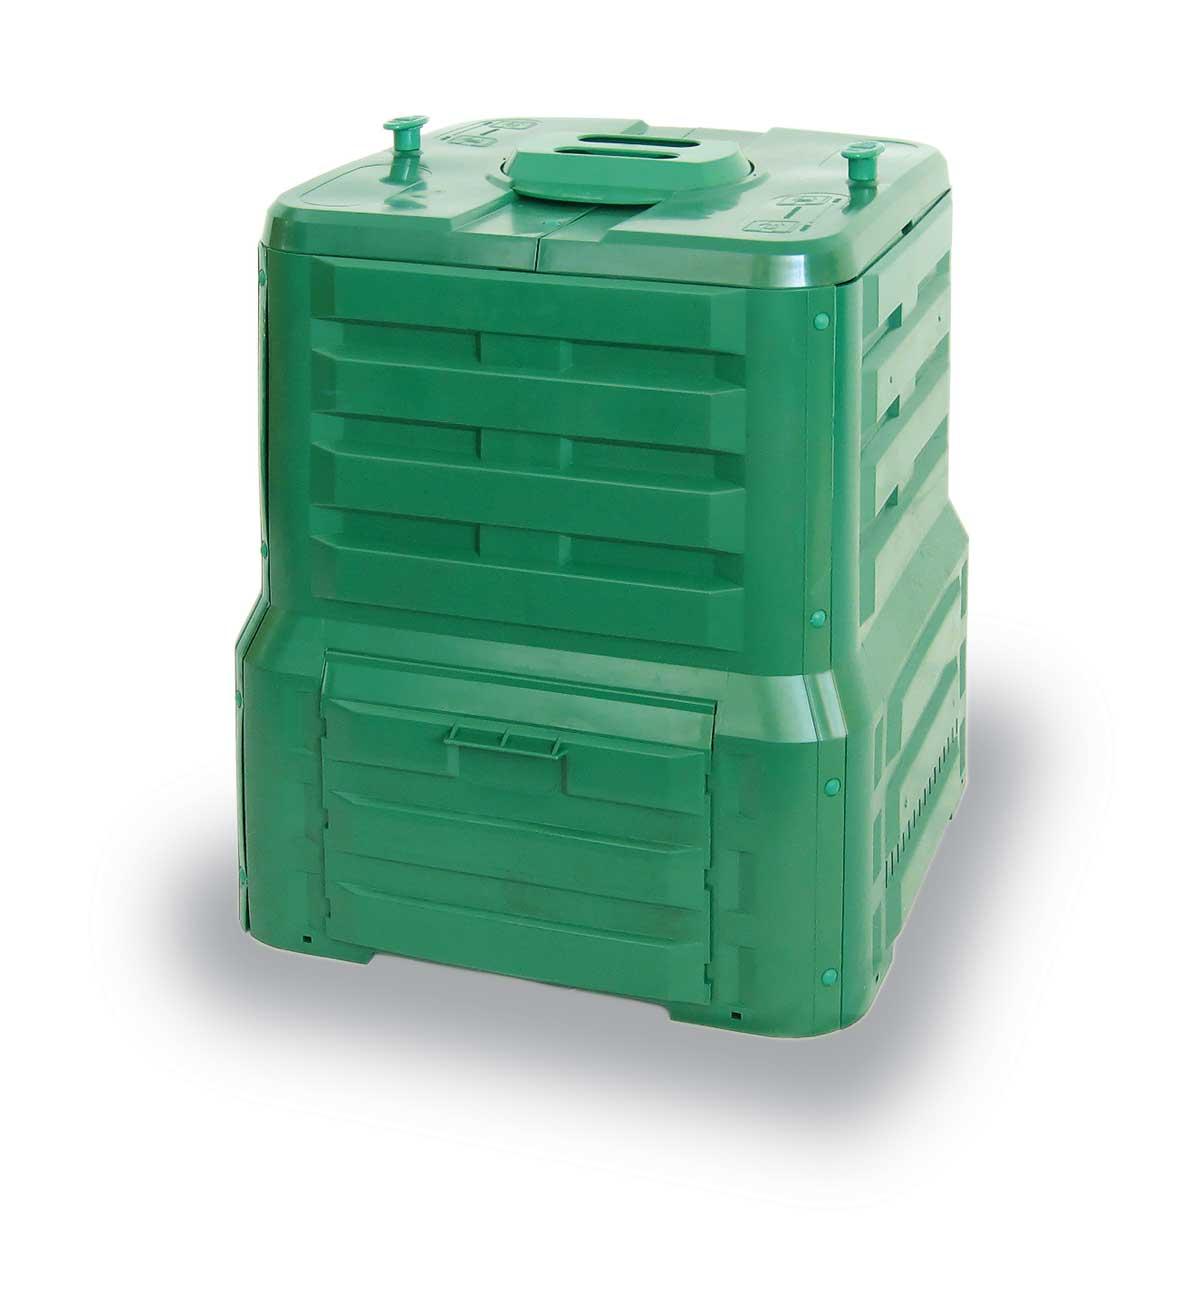 Veľkoobchod Shapely Composter super trvanlivý